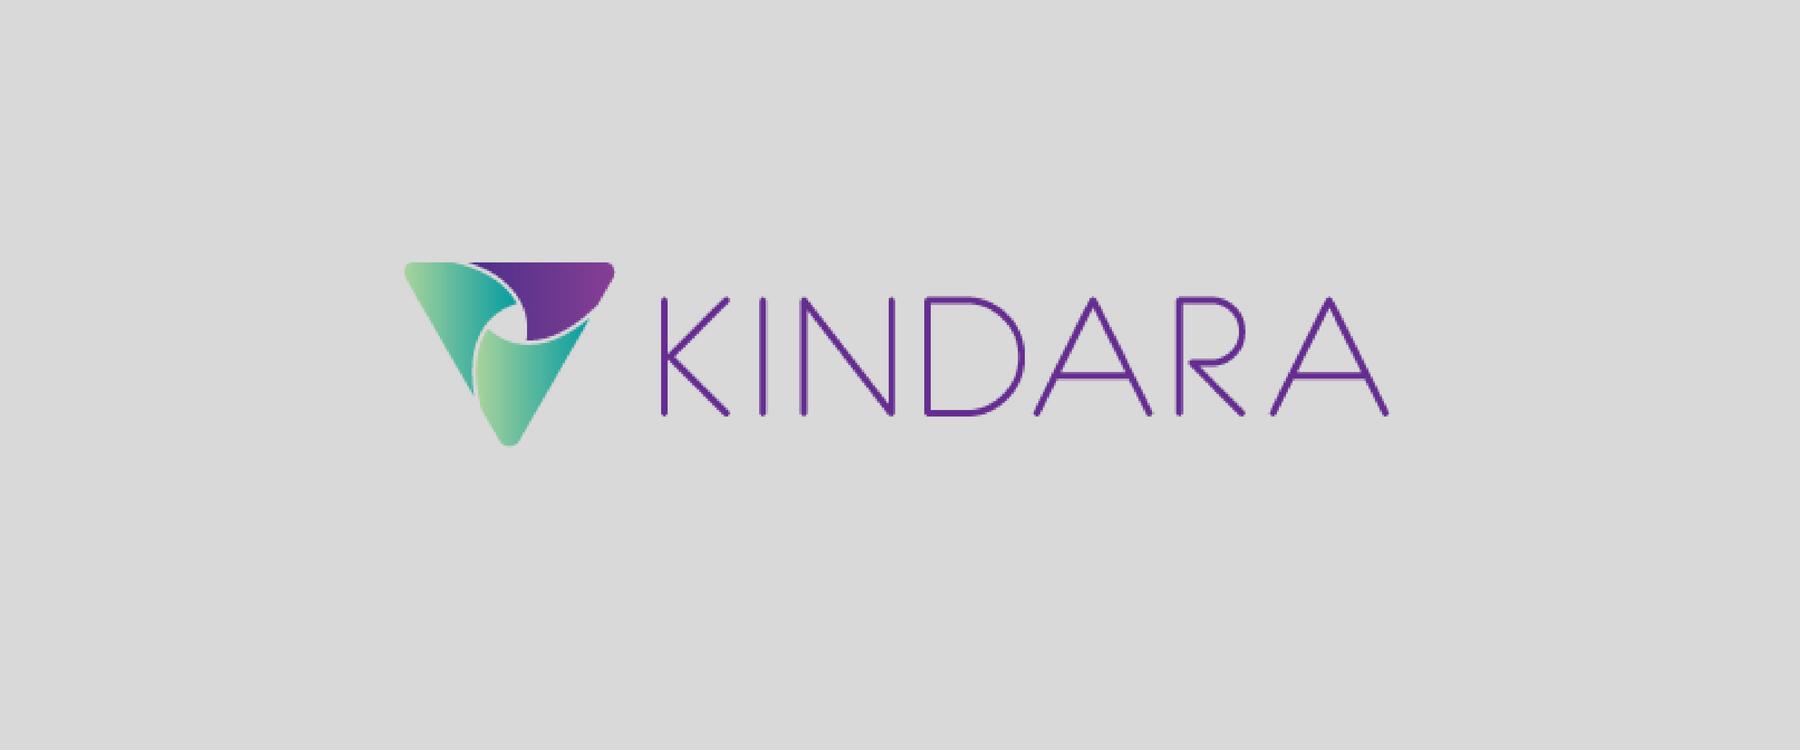 Cervical Fluid and Fertility | Kindara Blog